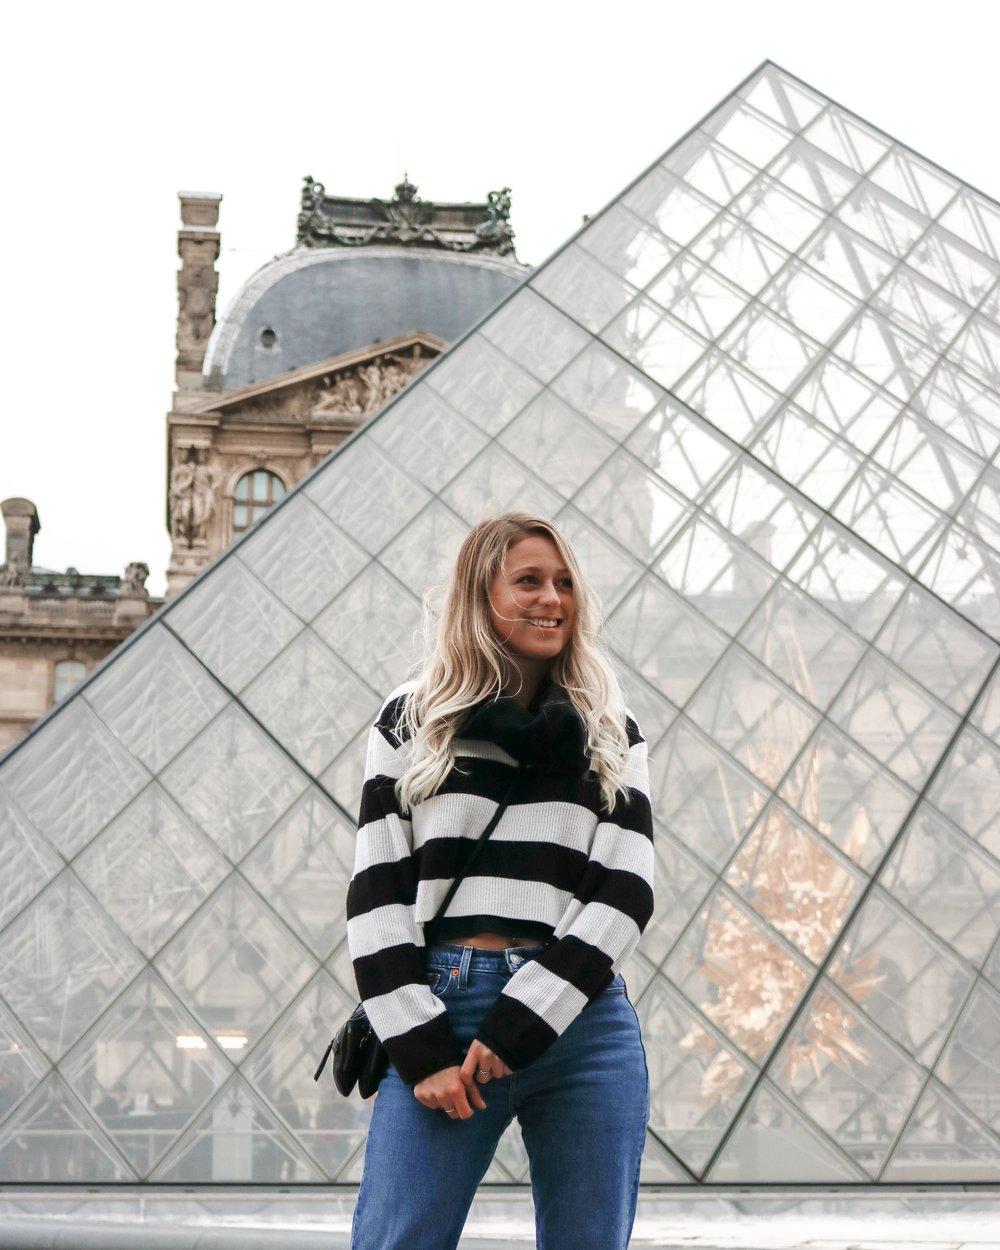 Kessler Ramirez – the Louvre in Paris, France